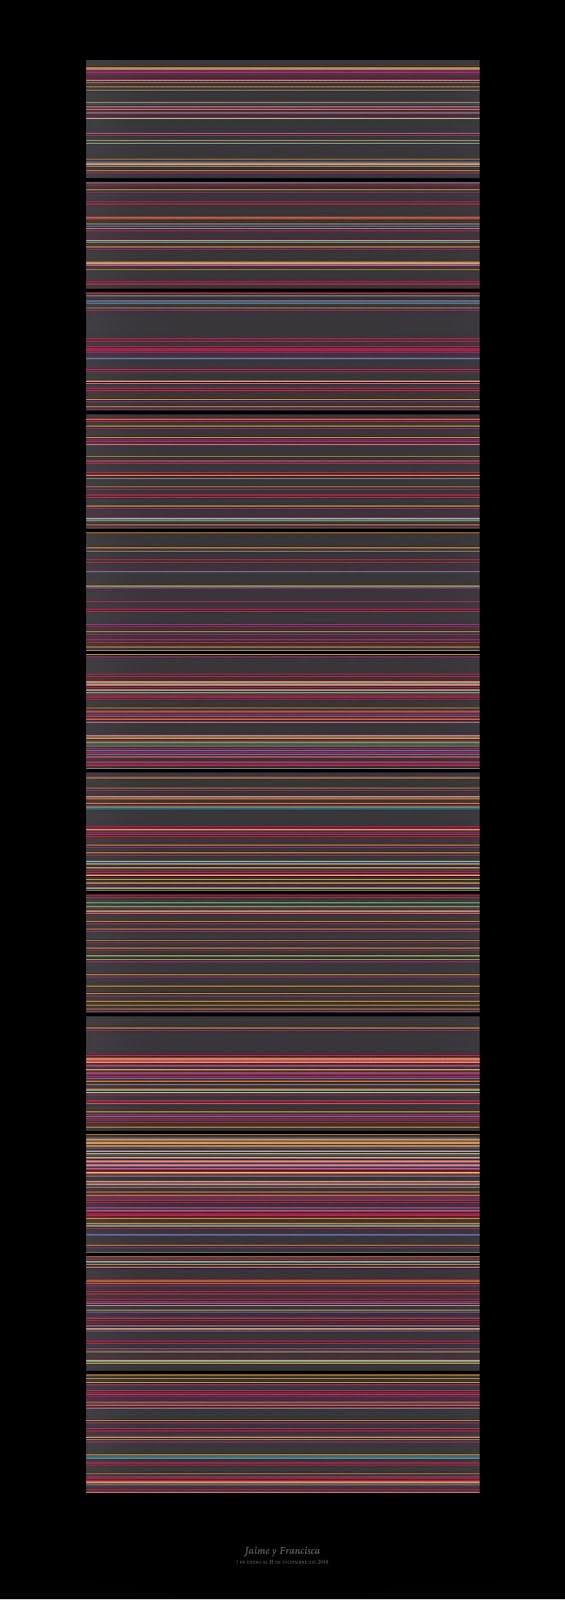 Vida sexual de una pareja estable. Jaime y Francisca, 74,2 cm x 210 cm.  La pareja durante 2010 tipifica sus prácticas sexuales habituales y anota en un calendario los dias que tienen relaciones según su clasificación.   Para la representación formal se traza una línia negra por cada día del año y se divide cada una de las 365 lineas en 7 más delgadas que representan cada una de las prácticas mediante un color diferente.